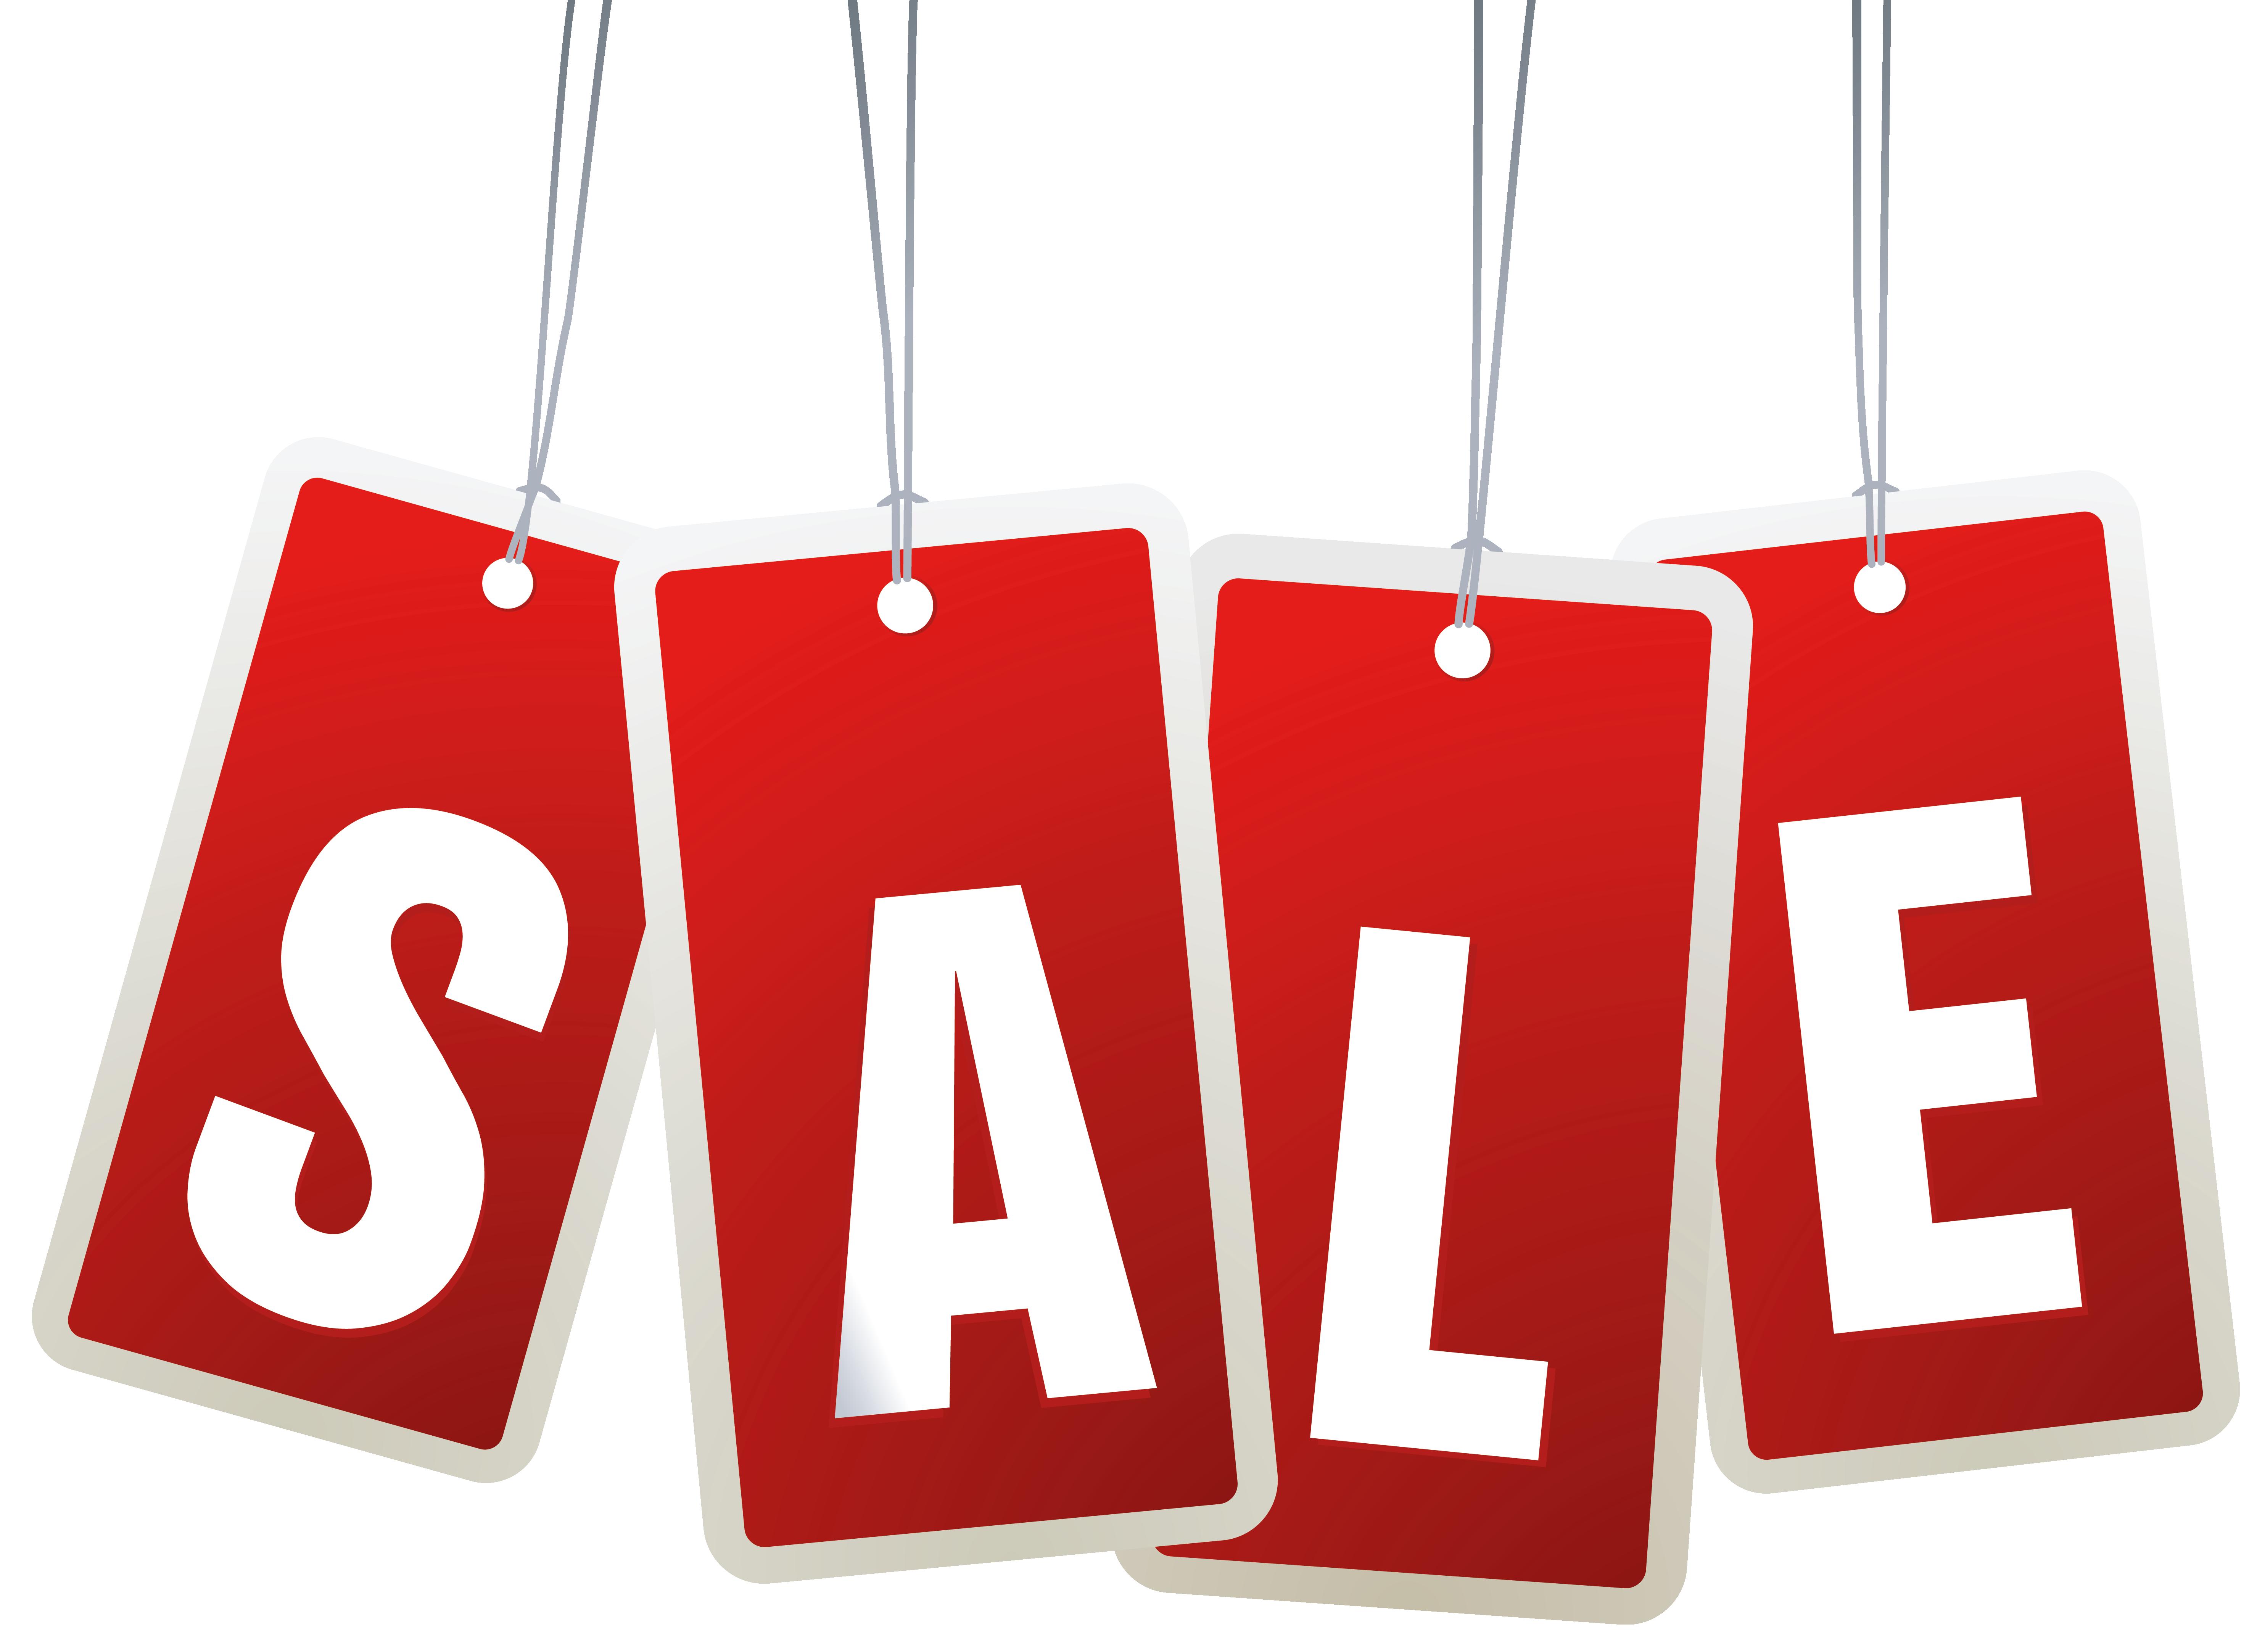 Sale Clipart & Sale Clip Art Images.